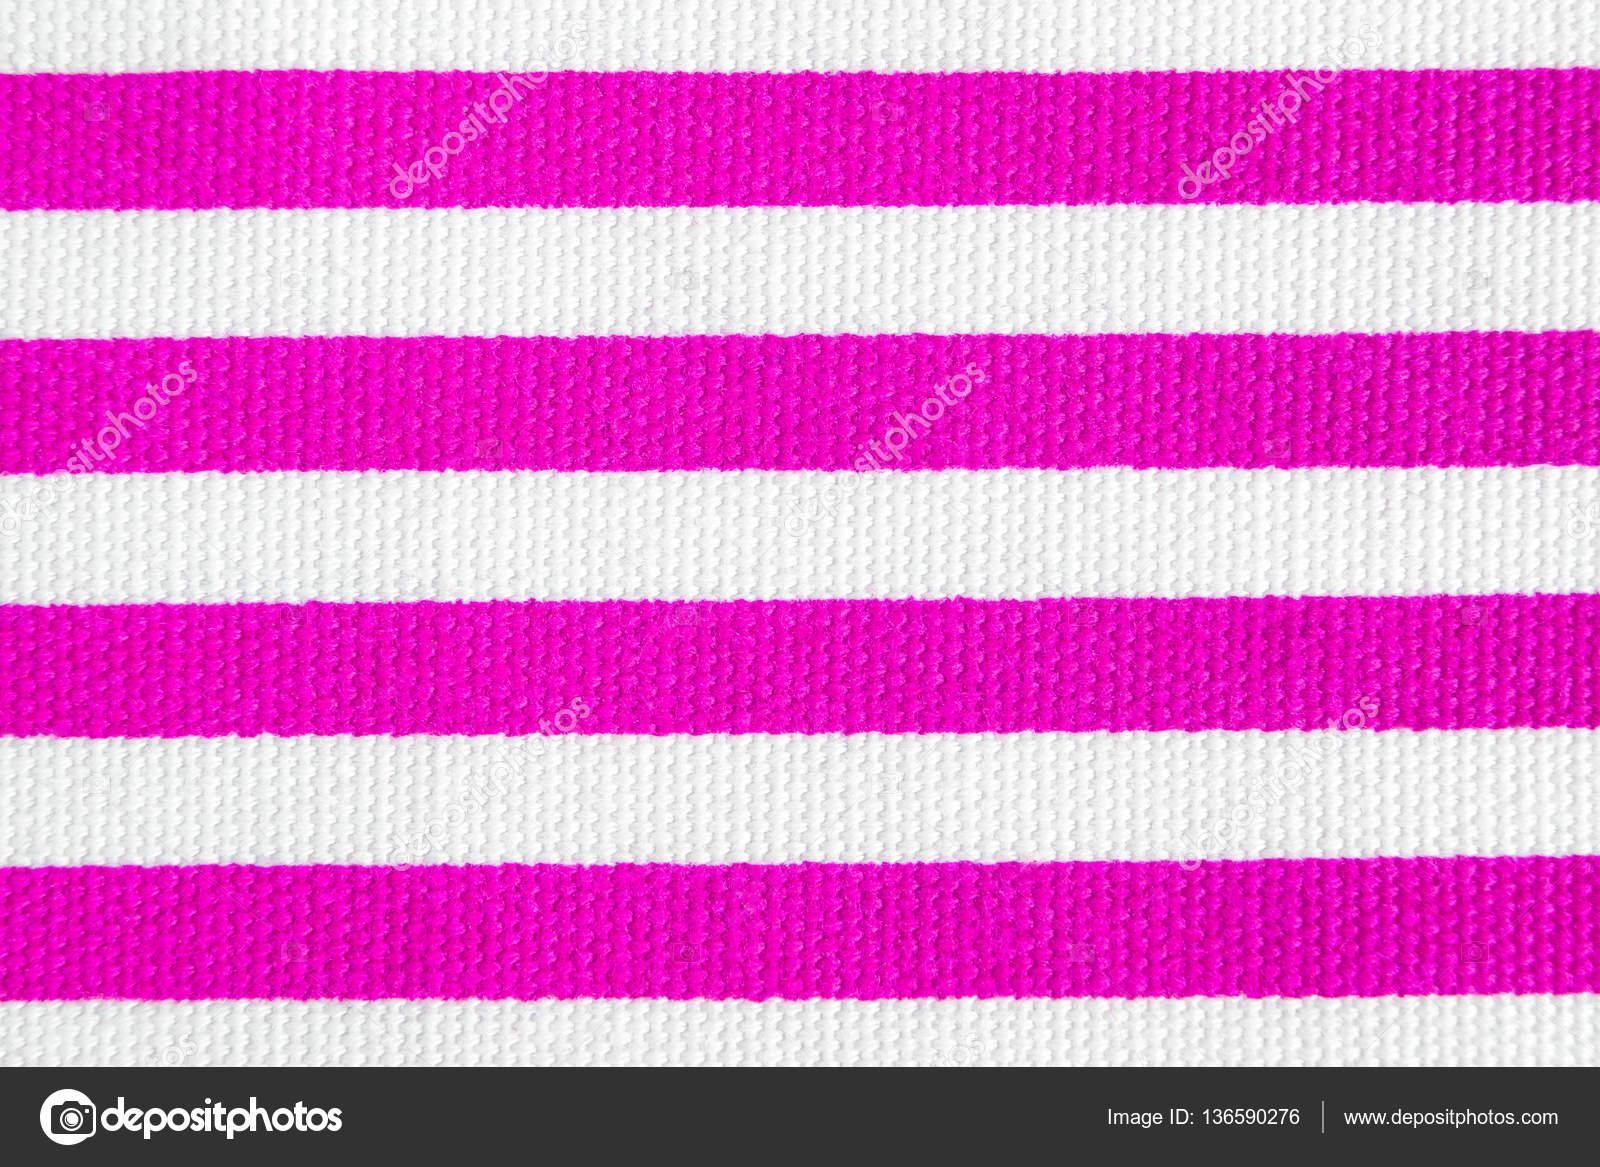 Fondo De Materia Textil Con Rayas Rosa Y Blanco. Textura